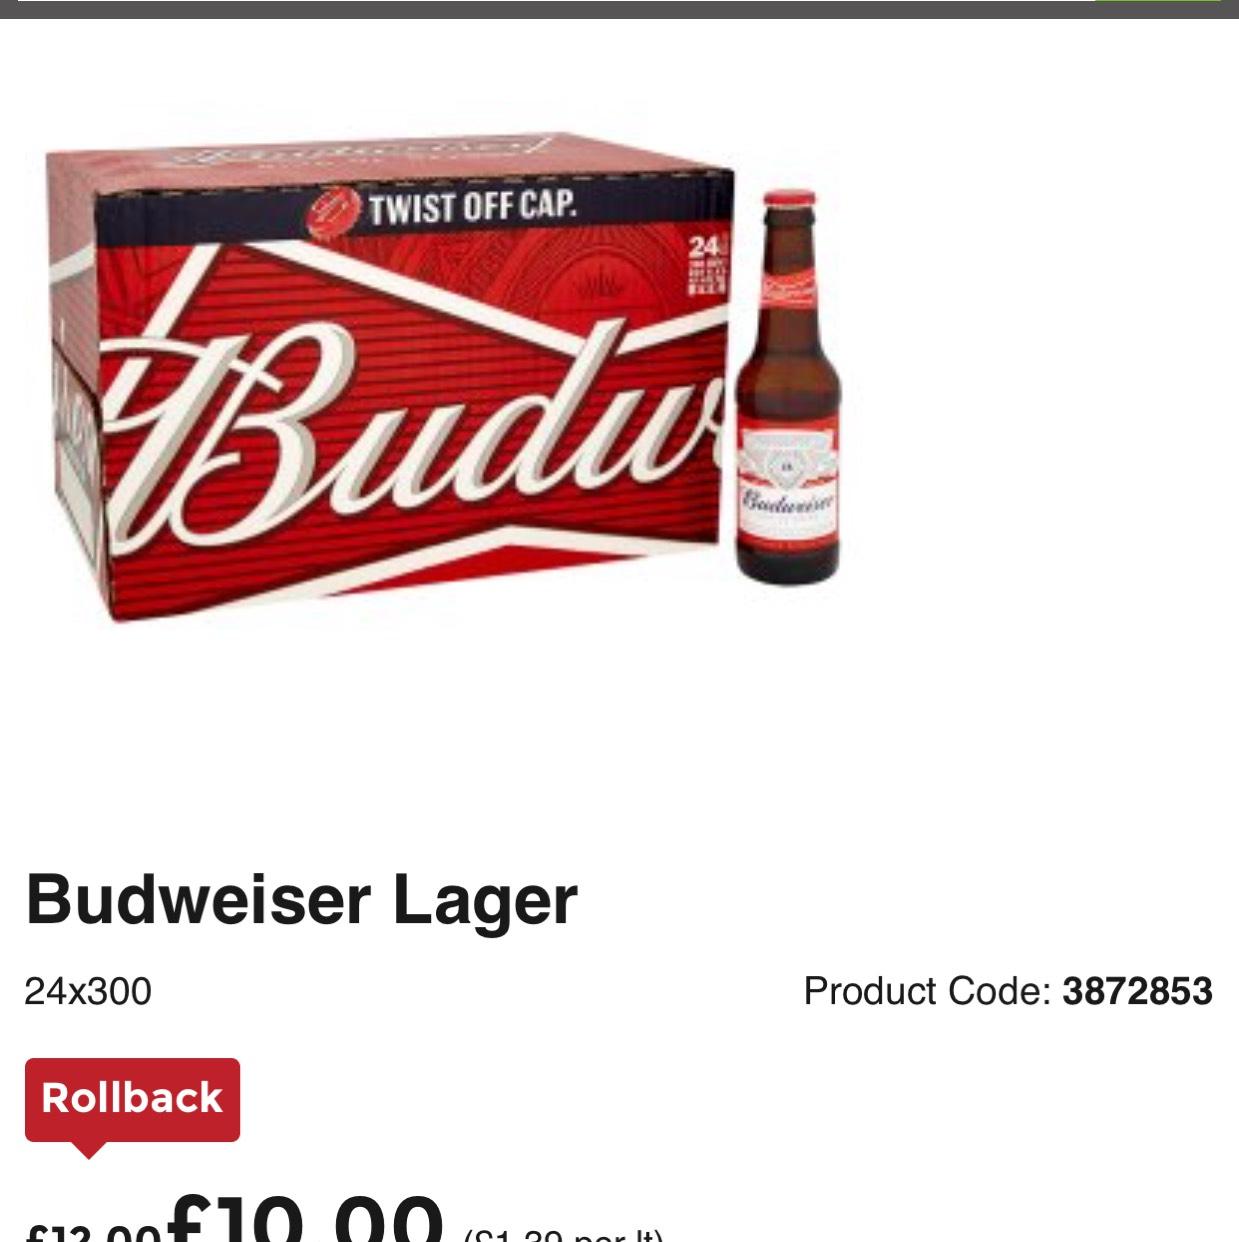 Budweiser lager 24bottles £10 @Asda